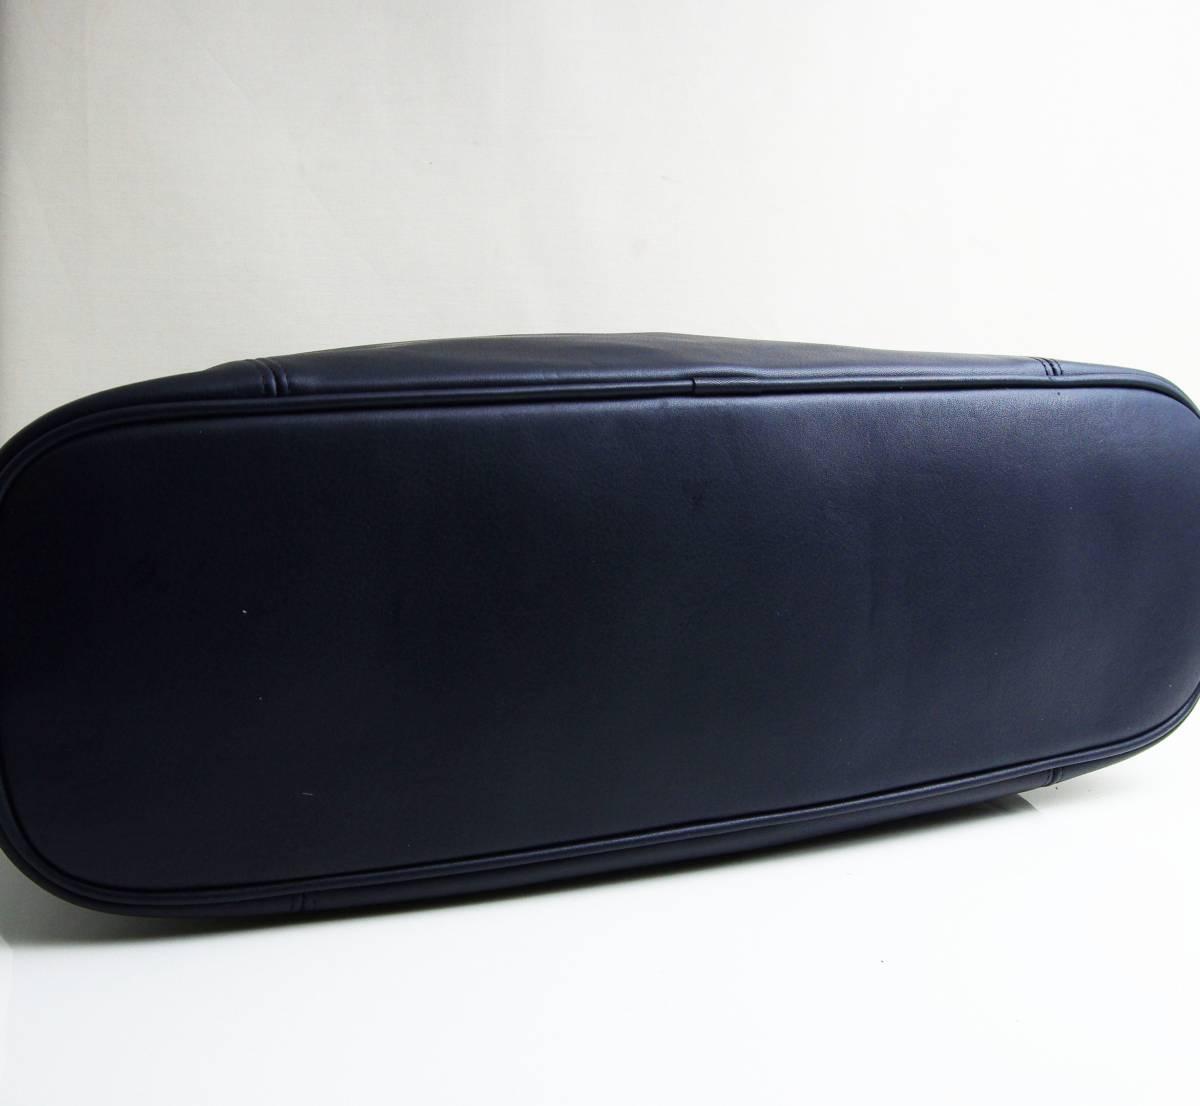 デットストック 極美品 オールドコーチ COACH トートバッグ ビジネスバッグ モスネイビー レザー メンズバッグ 牛革 A4ファイル 定価6万_画像3